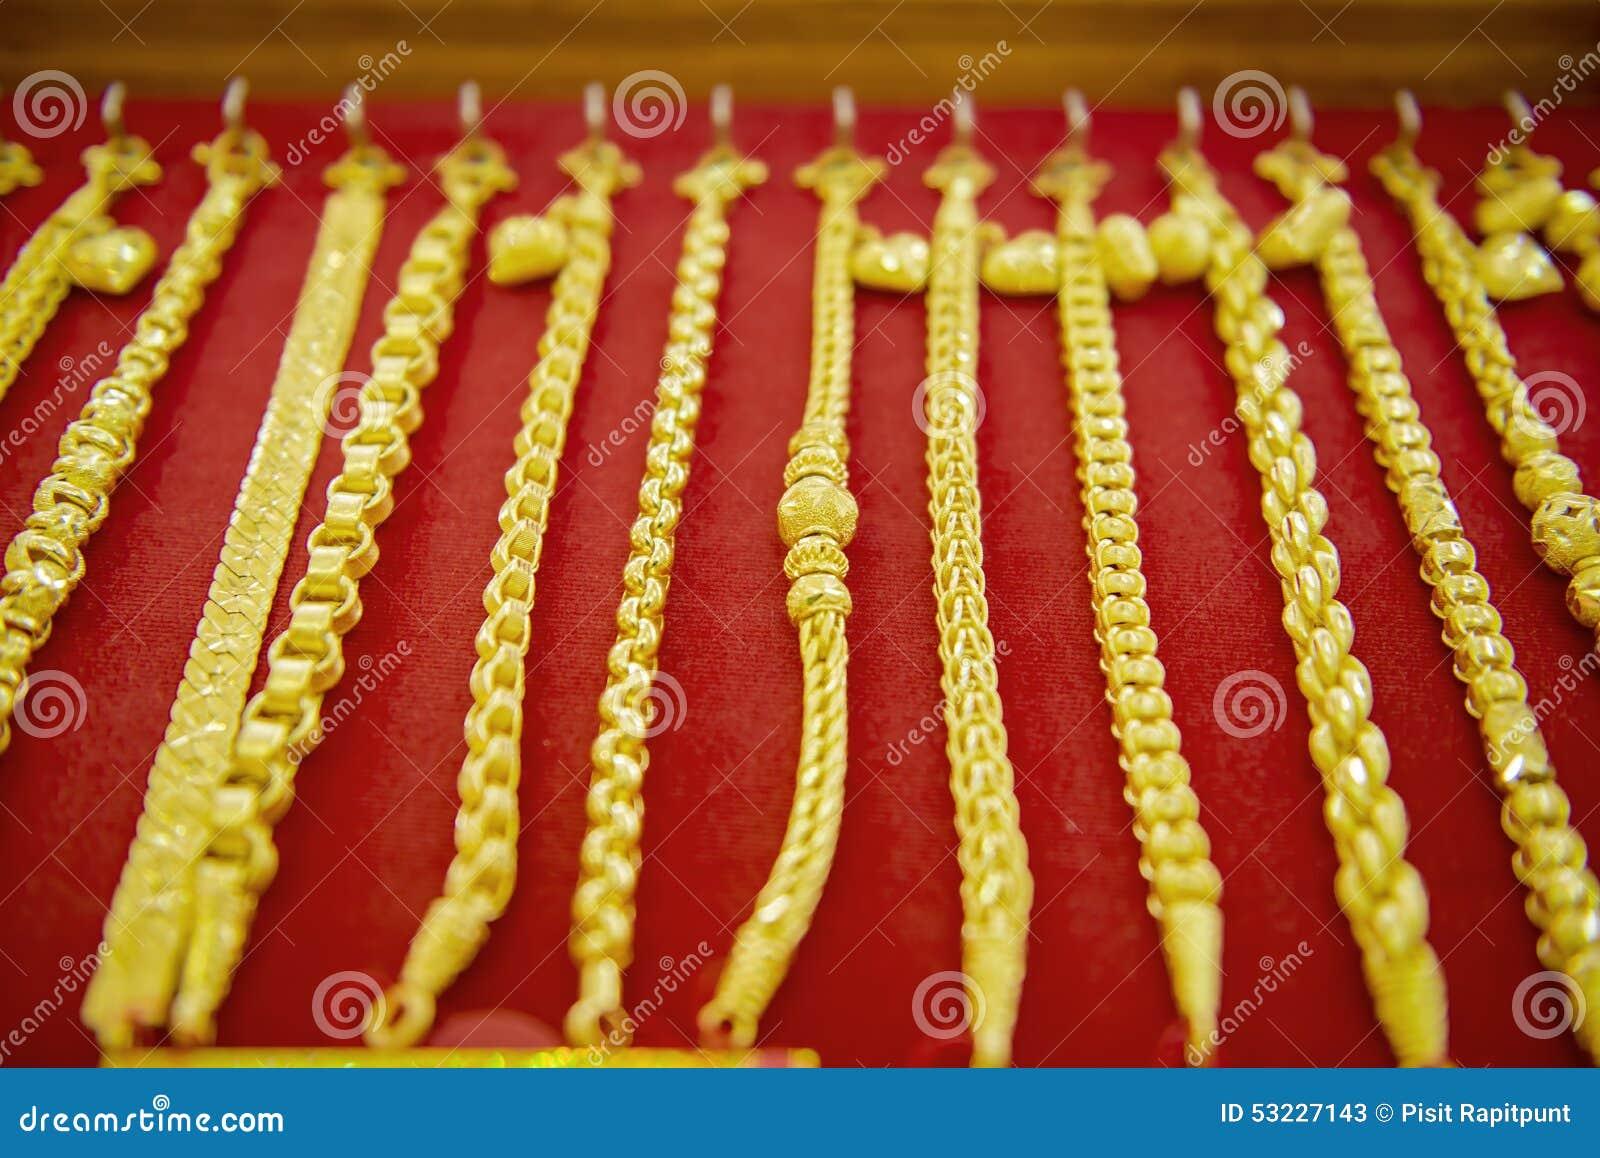 Colección de pulsera de oro